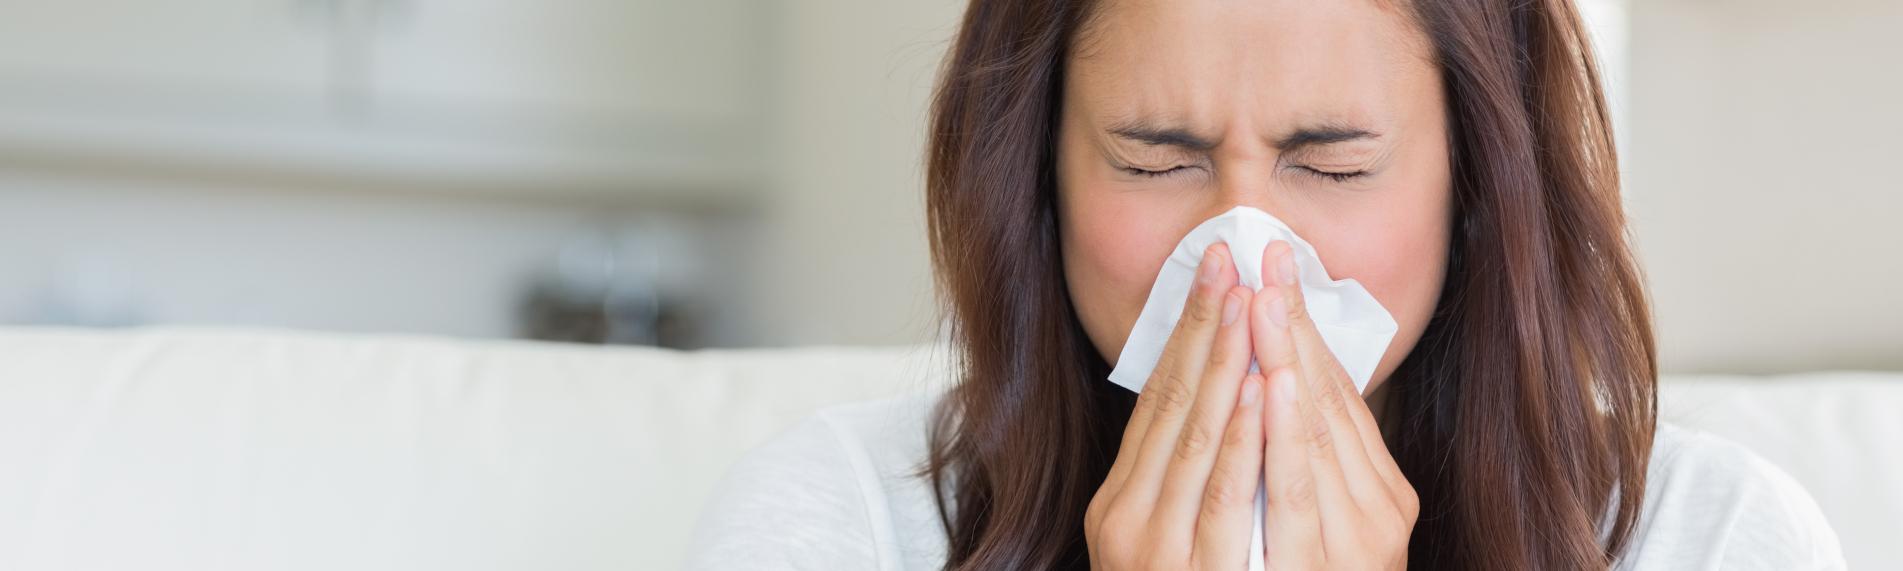 Minska sjukfrånvaron på arbetsplatsen med ett hälsosamt inomhusklimat